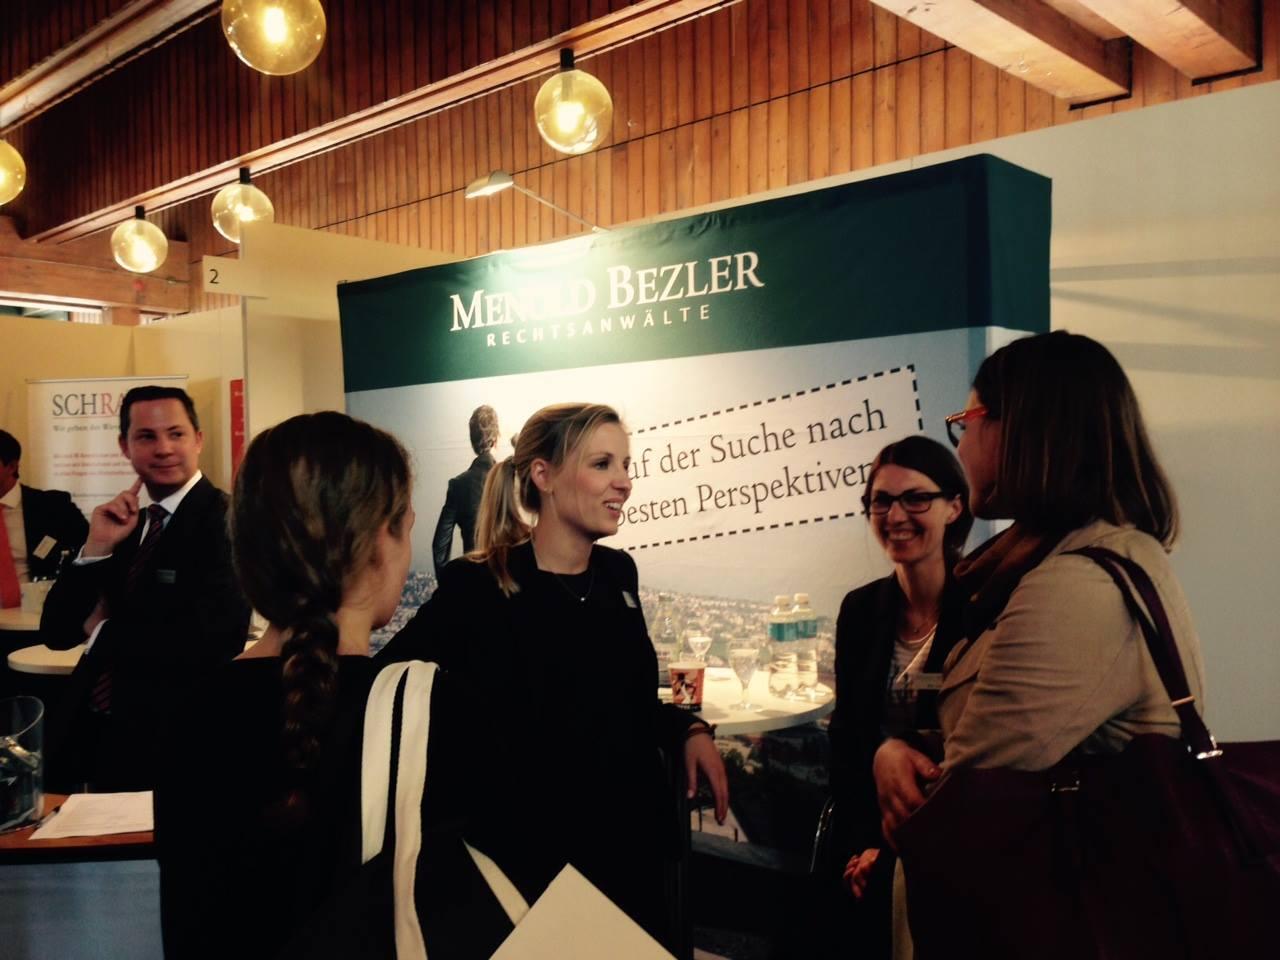 Menold Bezler Rechtsanwälte Partnerschaft mbB Foto